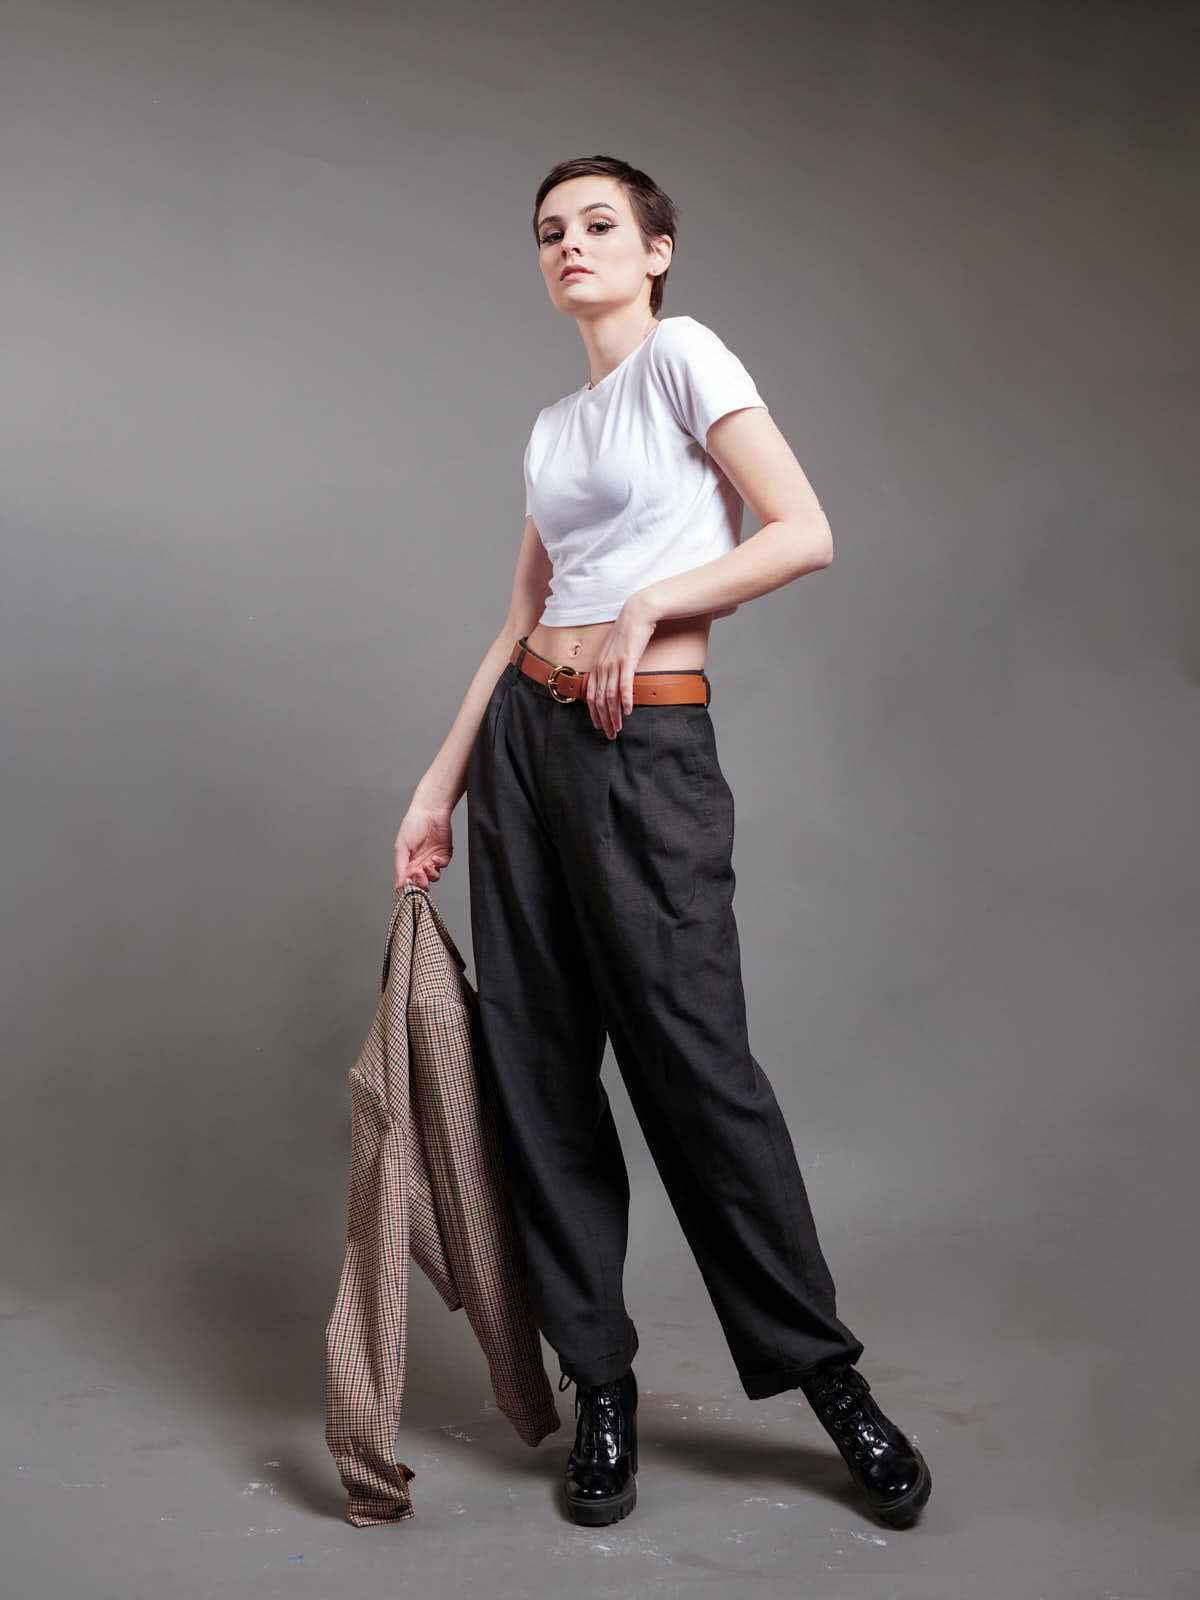 sce-agency-female-model-hunter-g-16a